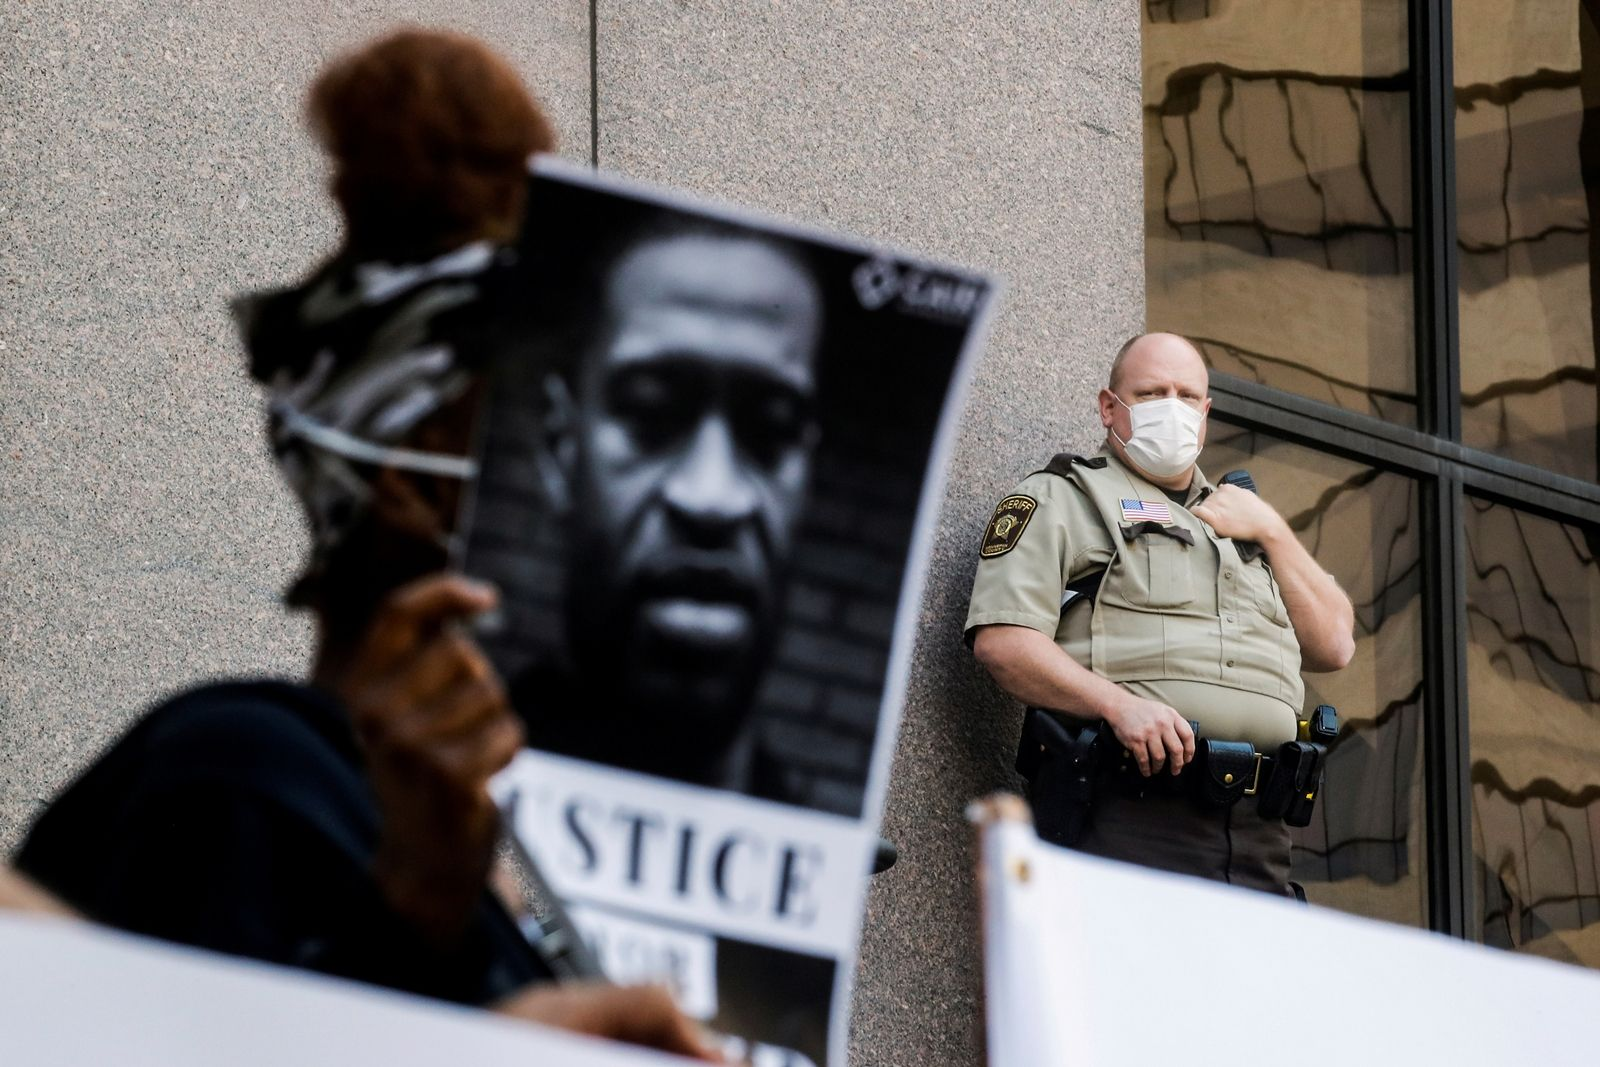 REUTERS-ประท้วงการตายจอร์จ ฟลอยด์ ชายผิวดำที่ถูกตำรวจควบคุมตัว มินเนอาโปลิส สหรัฐอเมริกา-2.JPG